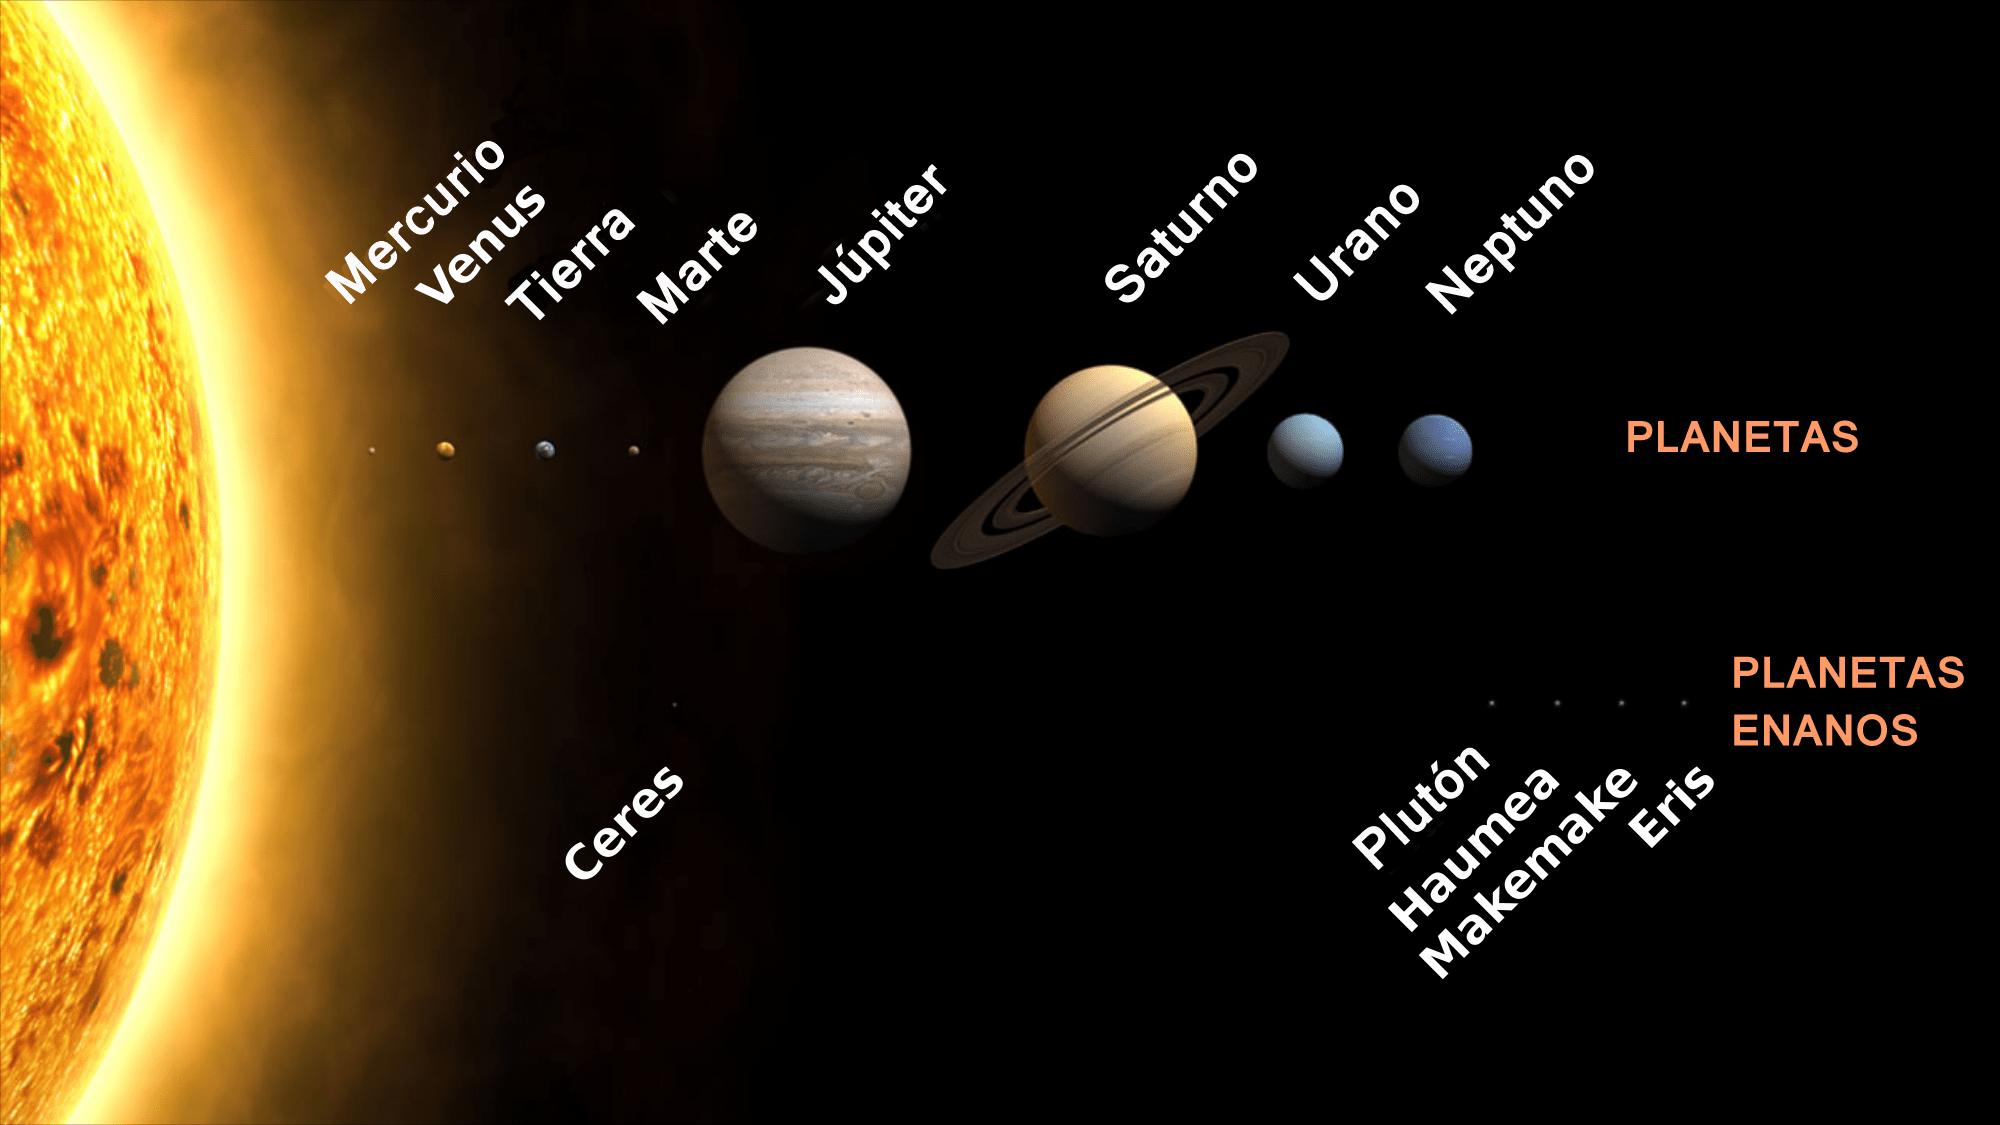 Planetas del Sistema Solar a escala (con planetas enanos)